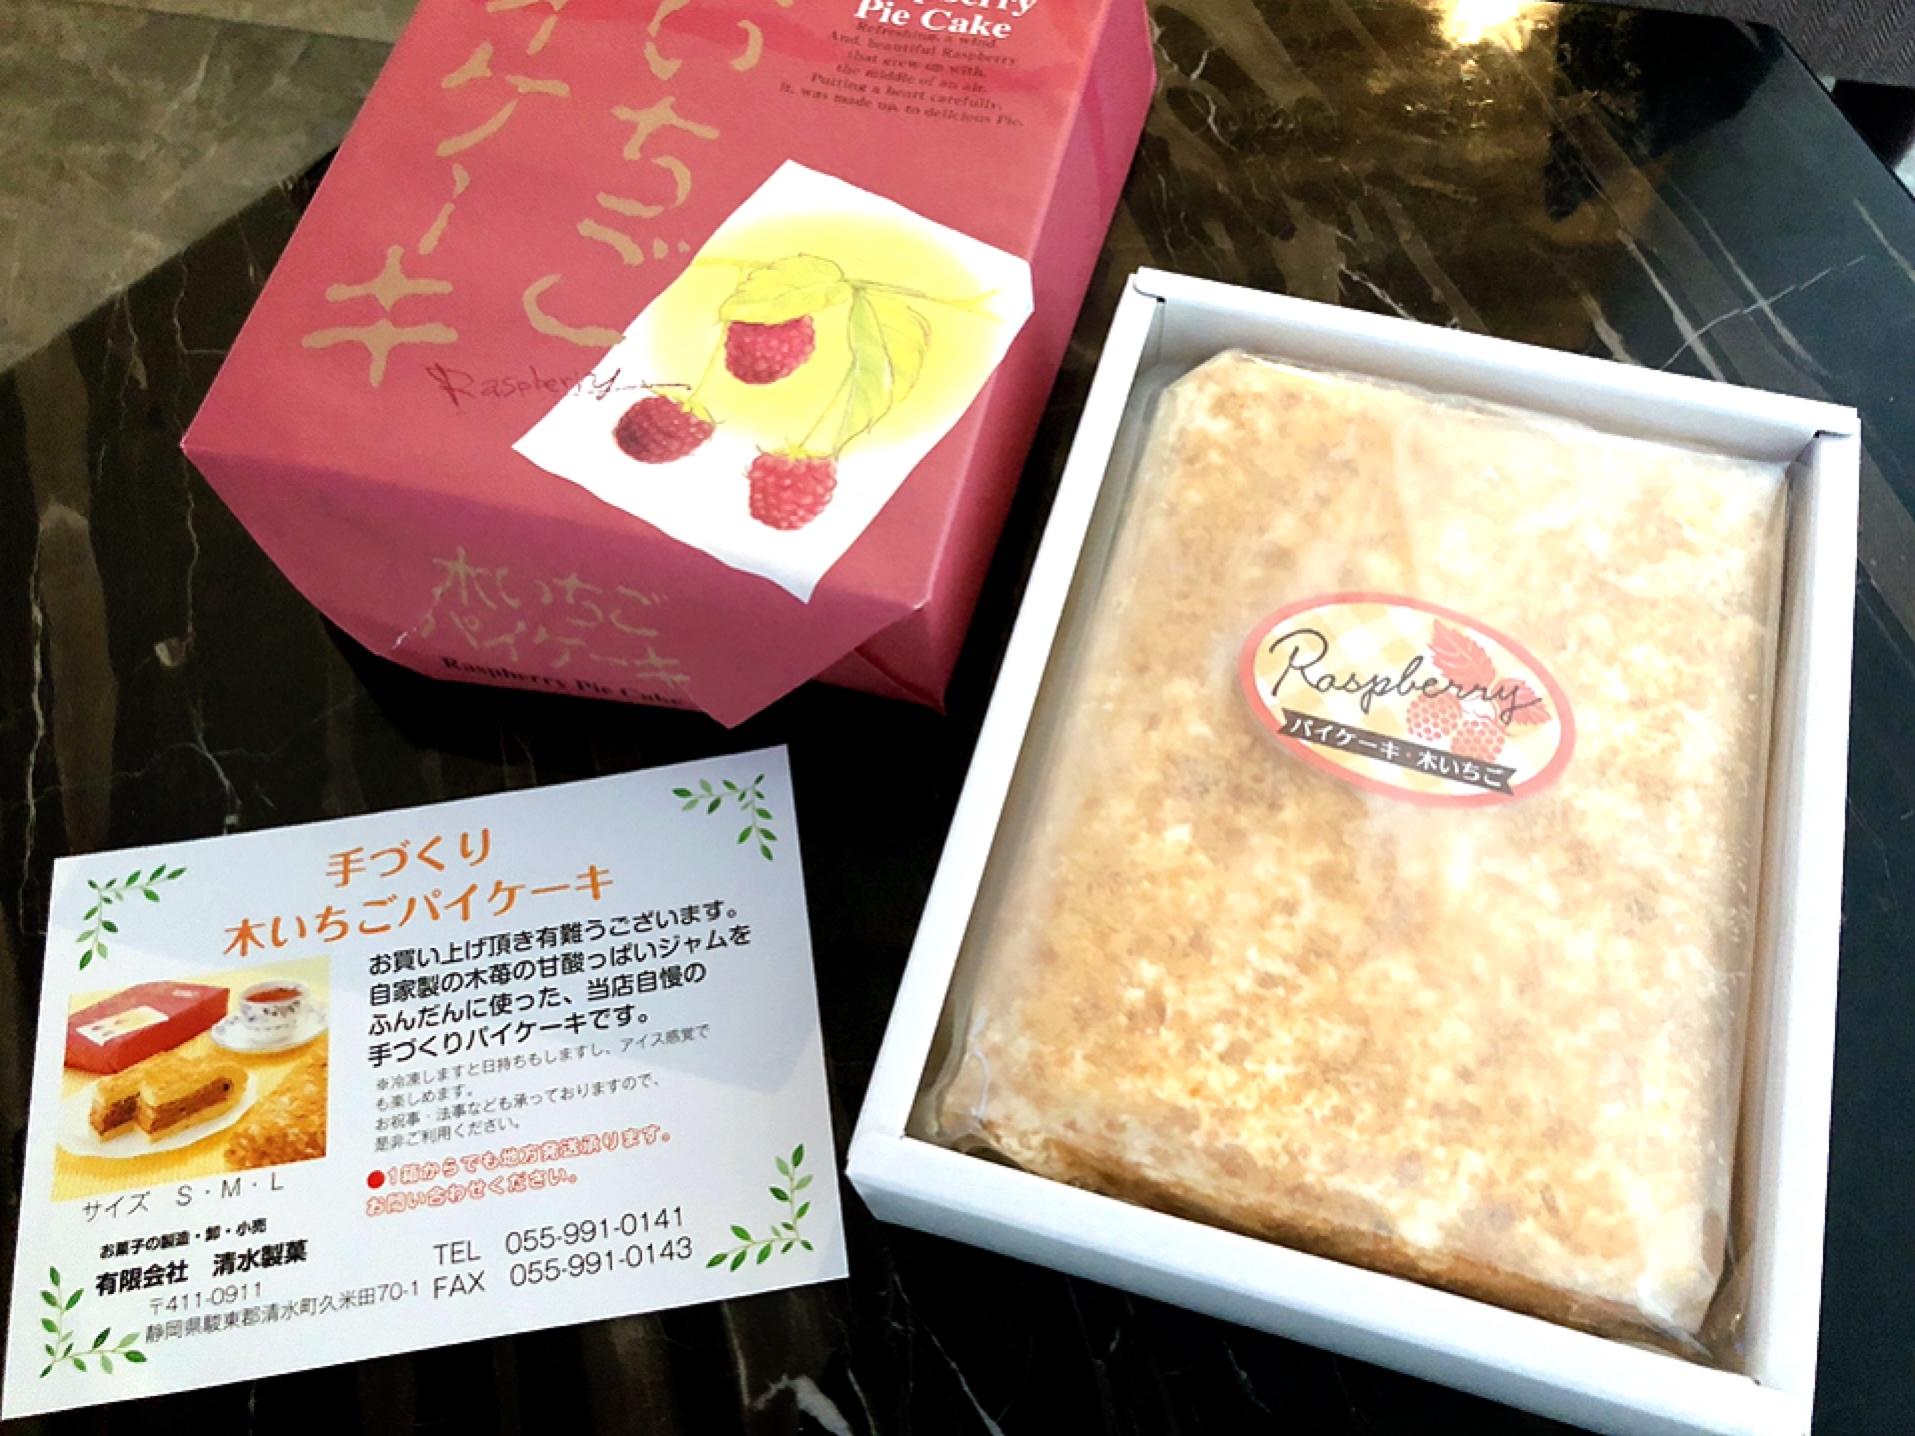 【おすすめいちごスイーツ】【#静岡】お取り寄せ可♡伊豆でGET♩木いちごパイケーキ_1